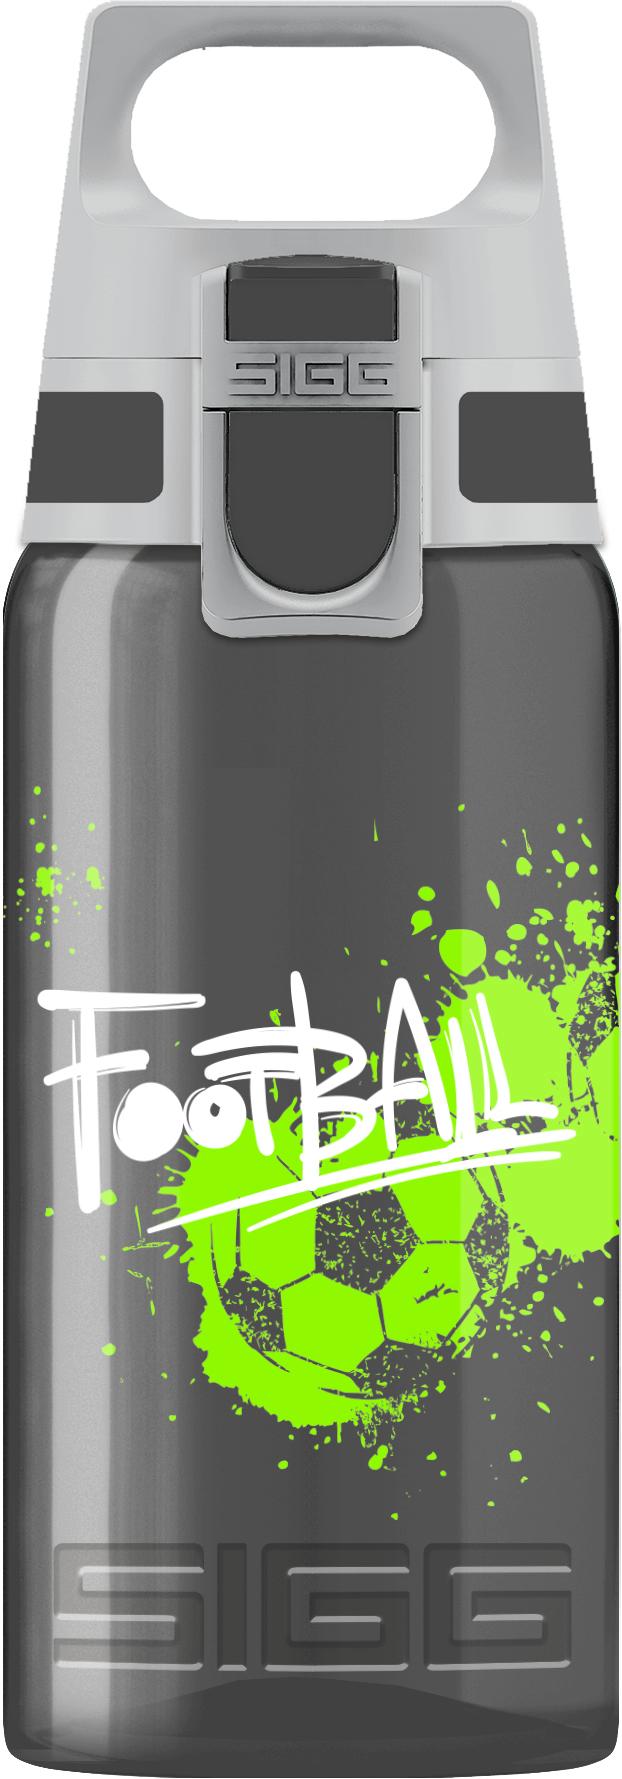 VIVA ONE Football Tag